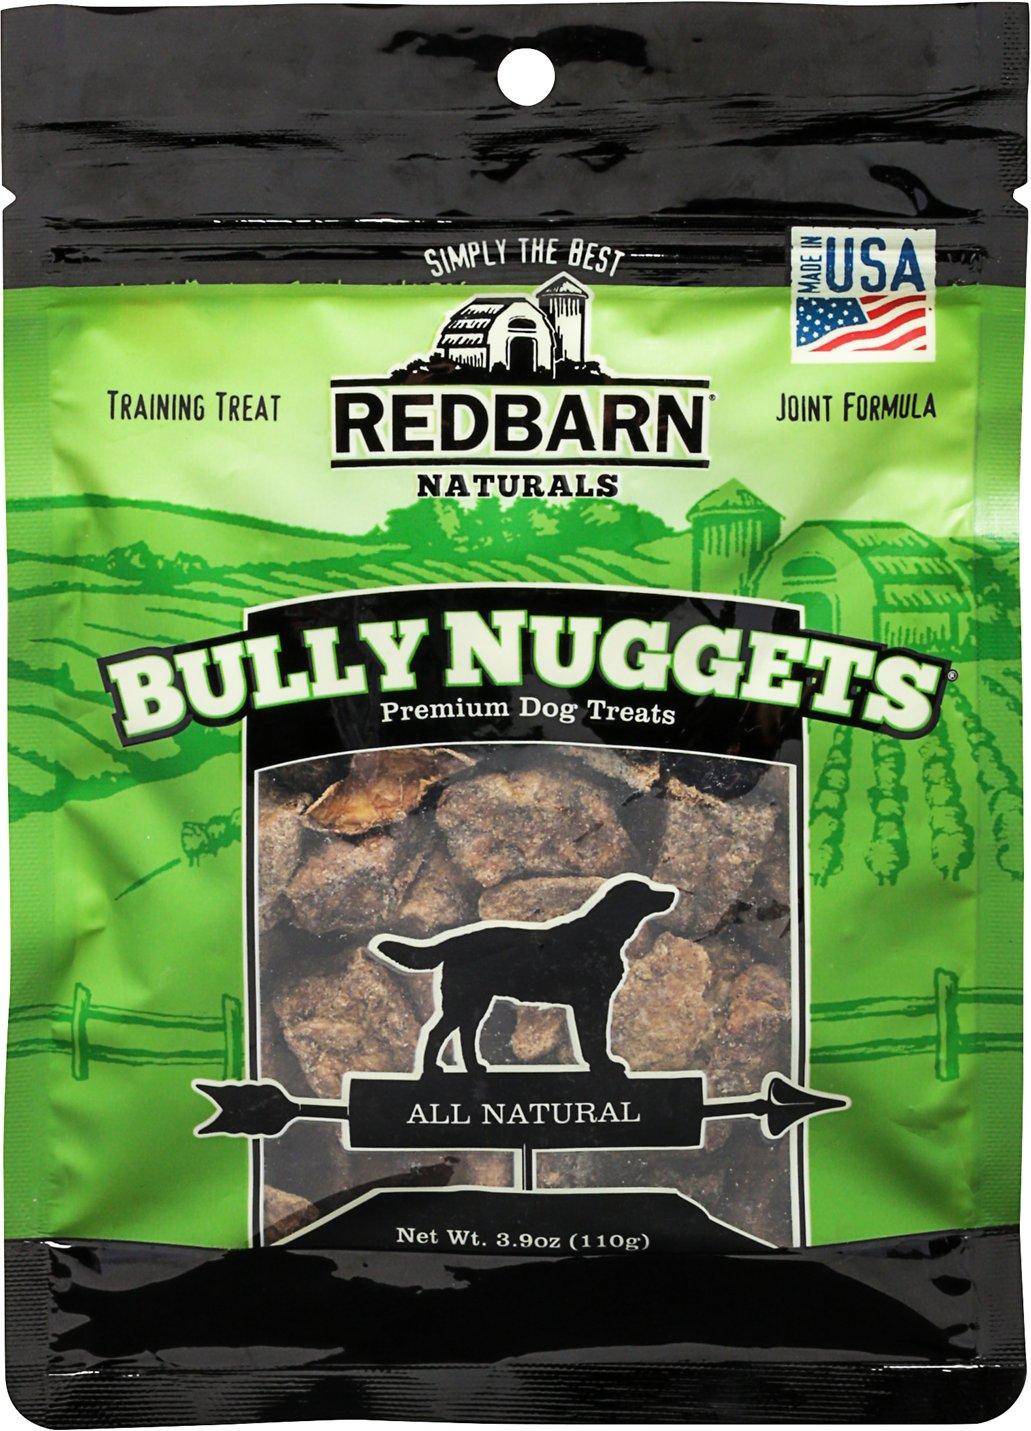 Redbarn Naturals Bully Nuggets Dog Treats, 3.9-oz bag